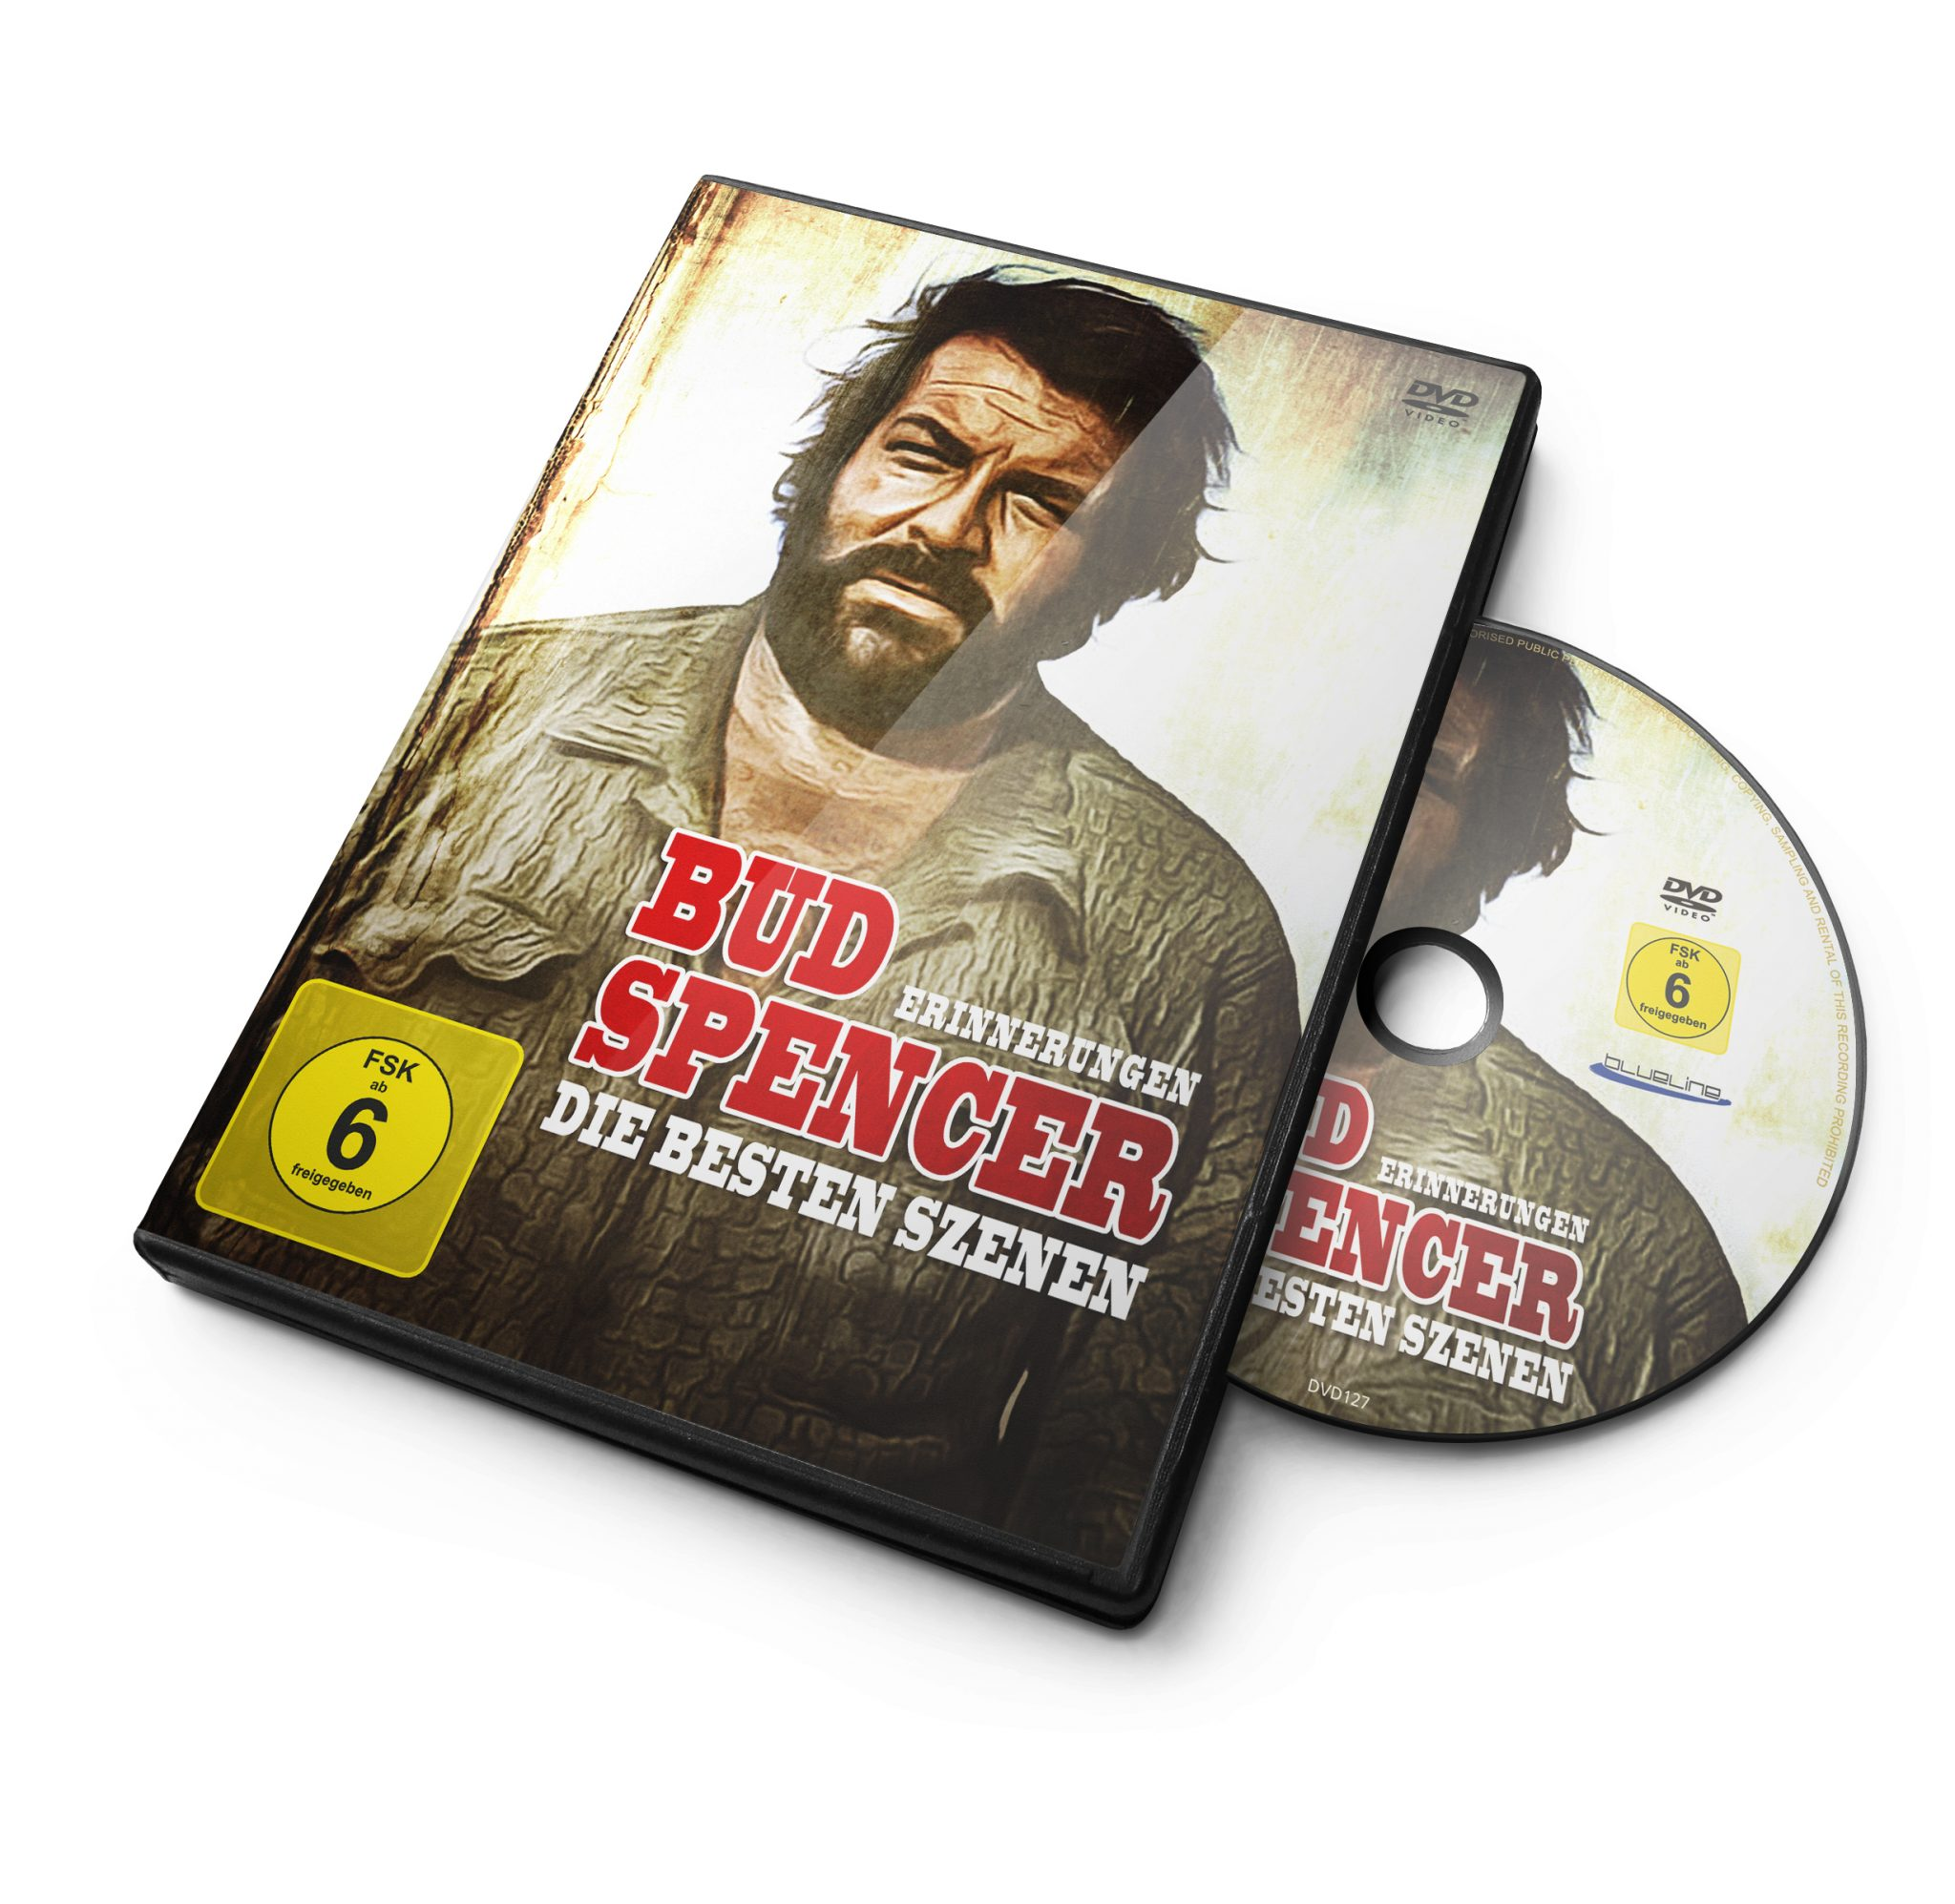 bud spencer-beste szenen_dvd